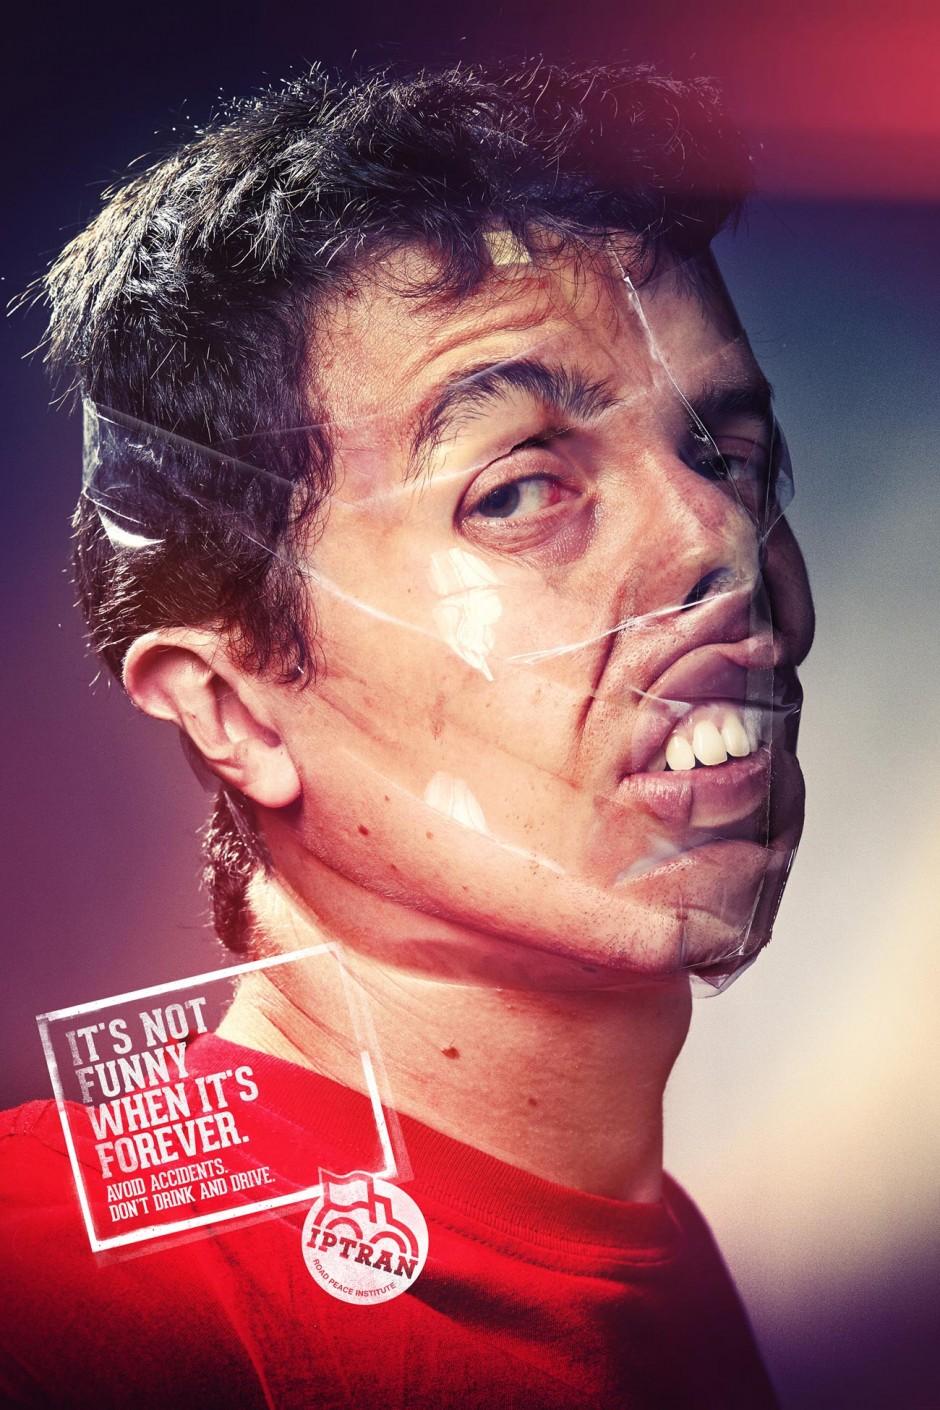 Sellotape Selfie 1, 2013, Brasilien, Werbung für IPTRAN - Instituto Paz No Trânsito, Road Safety, ausgezeichnet als Bronze Lion Campaign, 2014